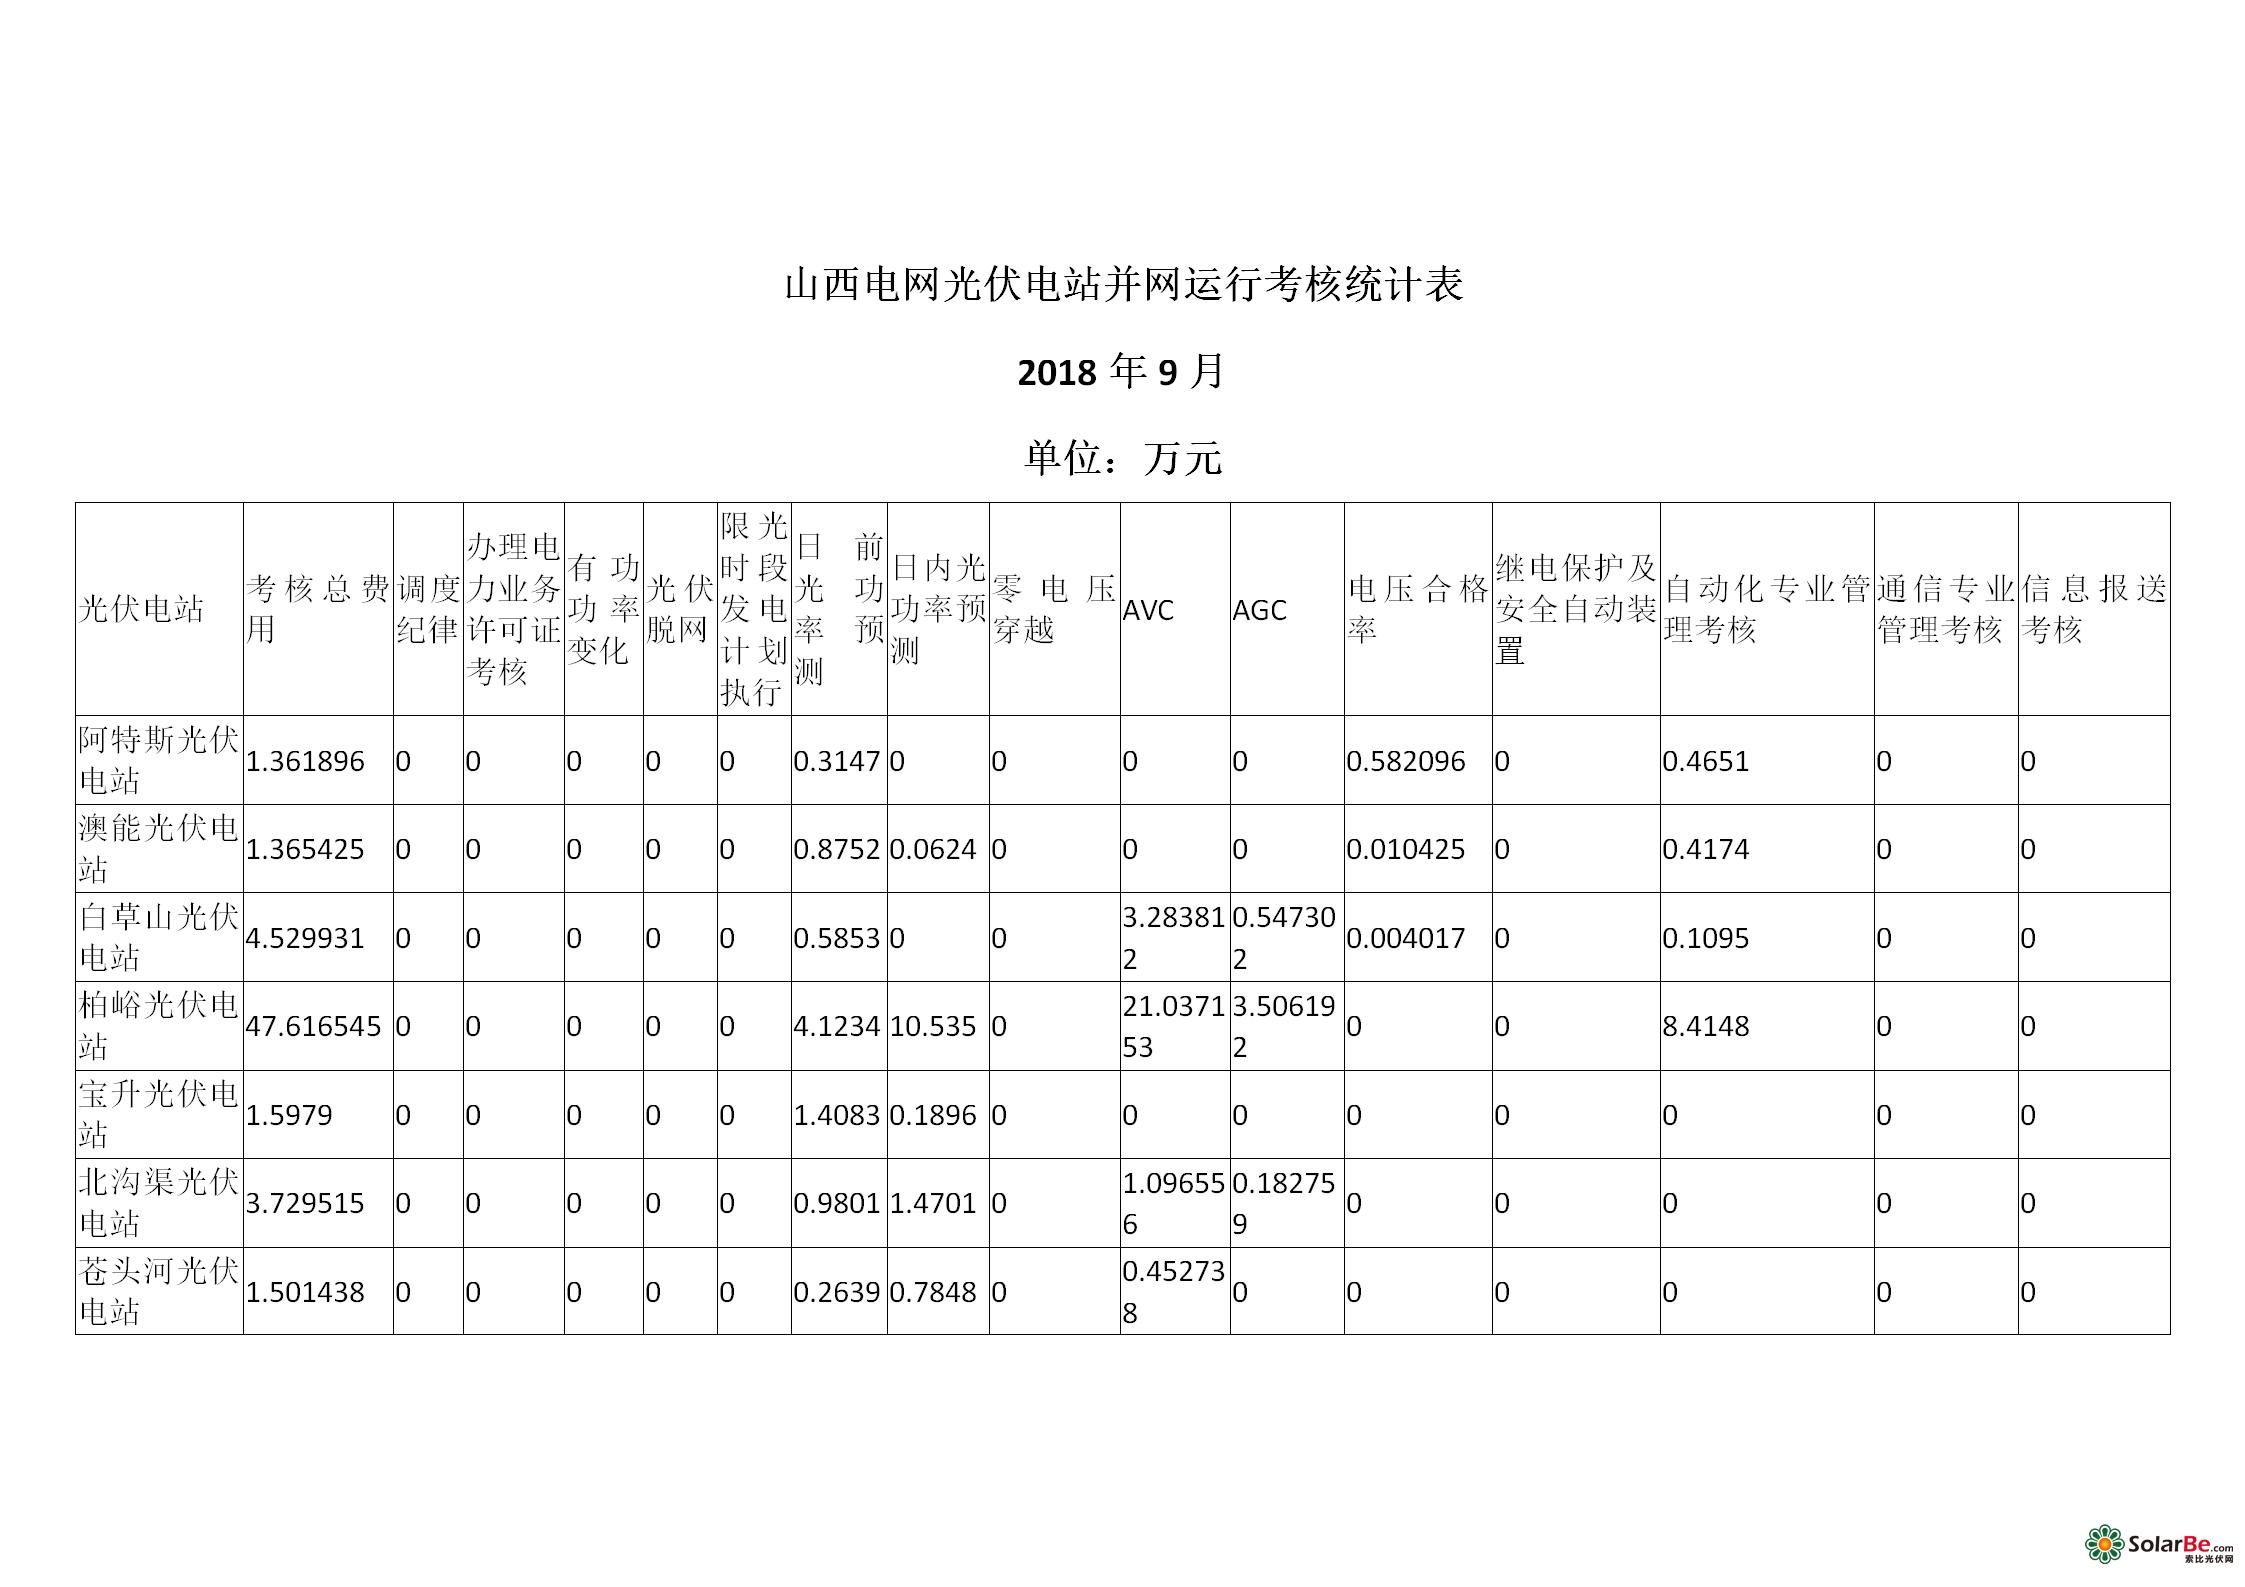 山西电网光伏电站并网运行考核统计表_01.png